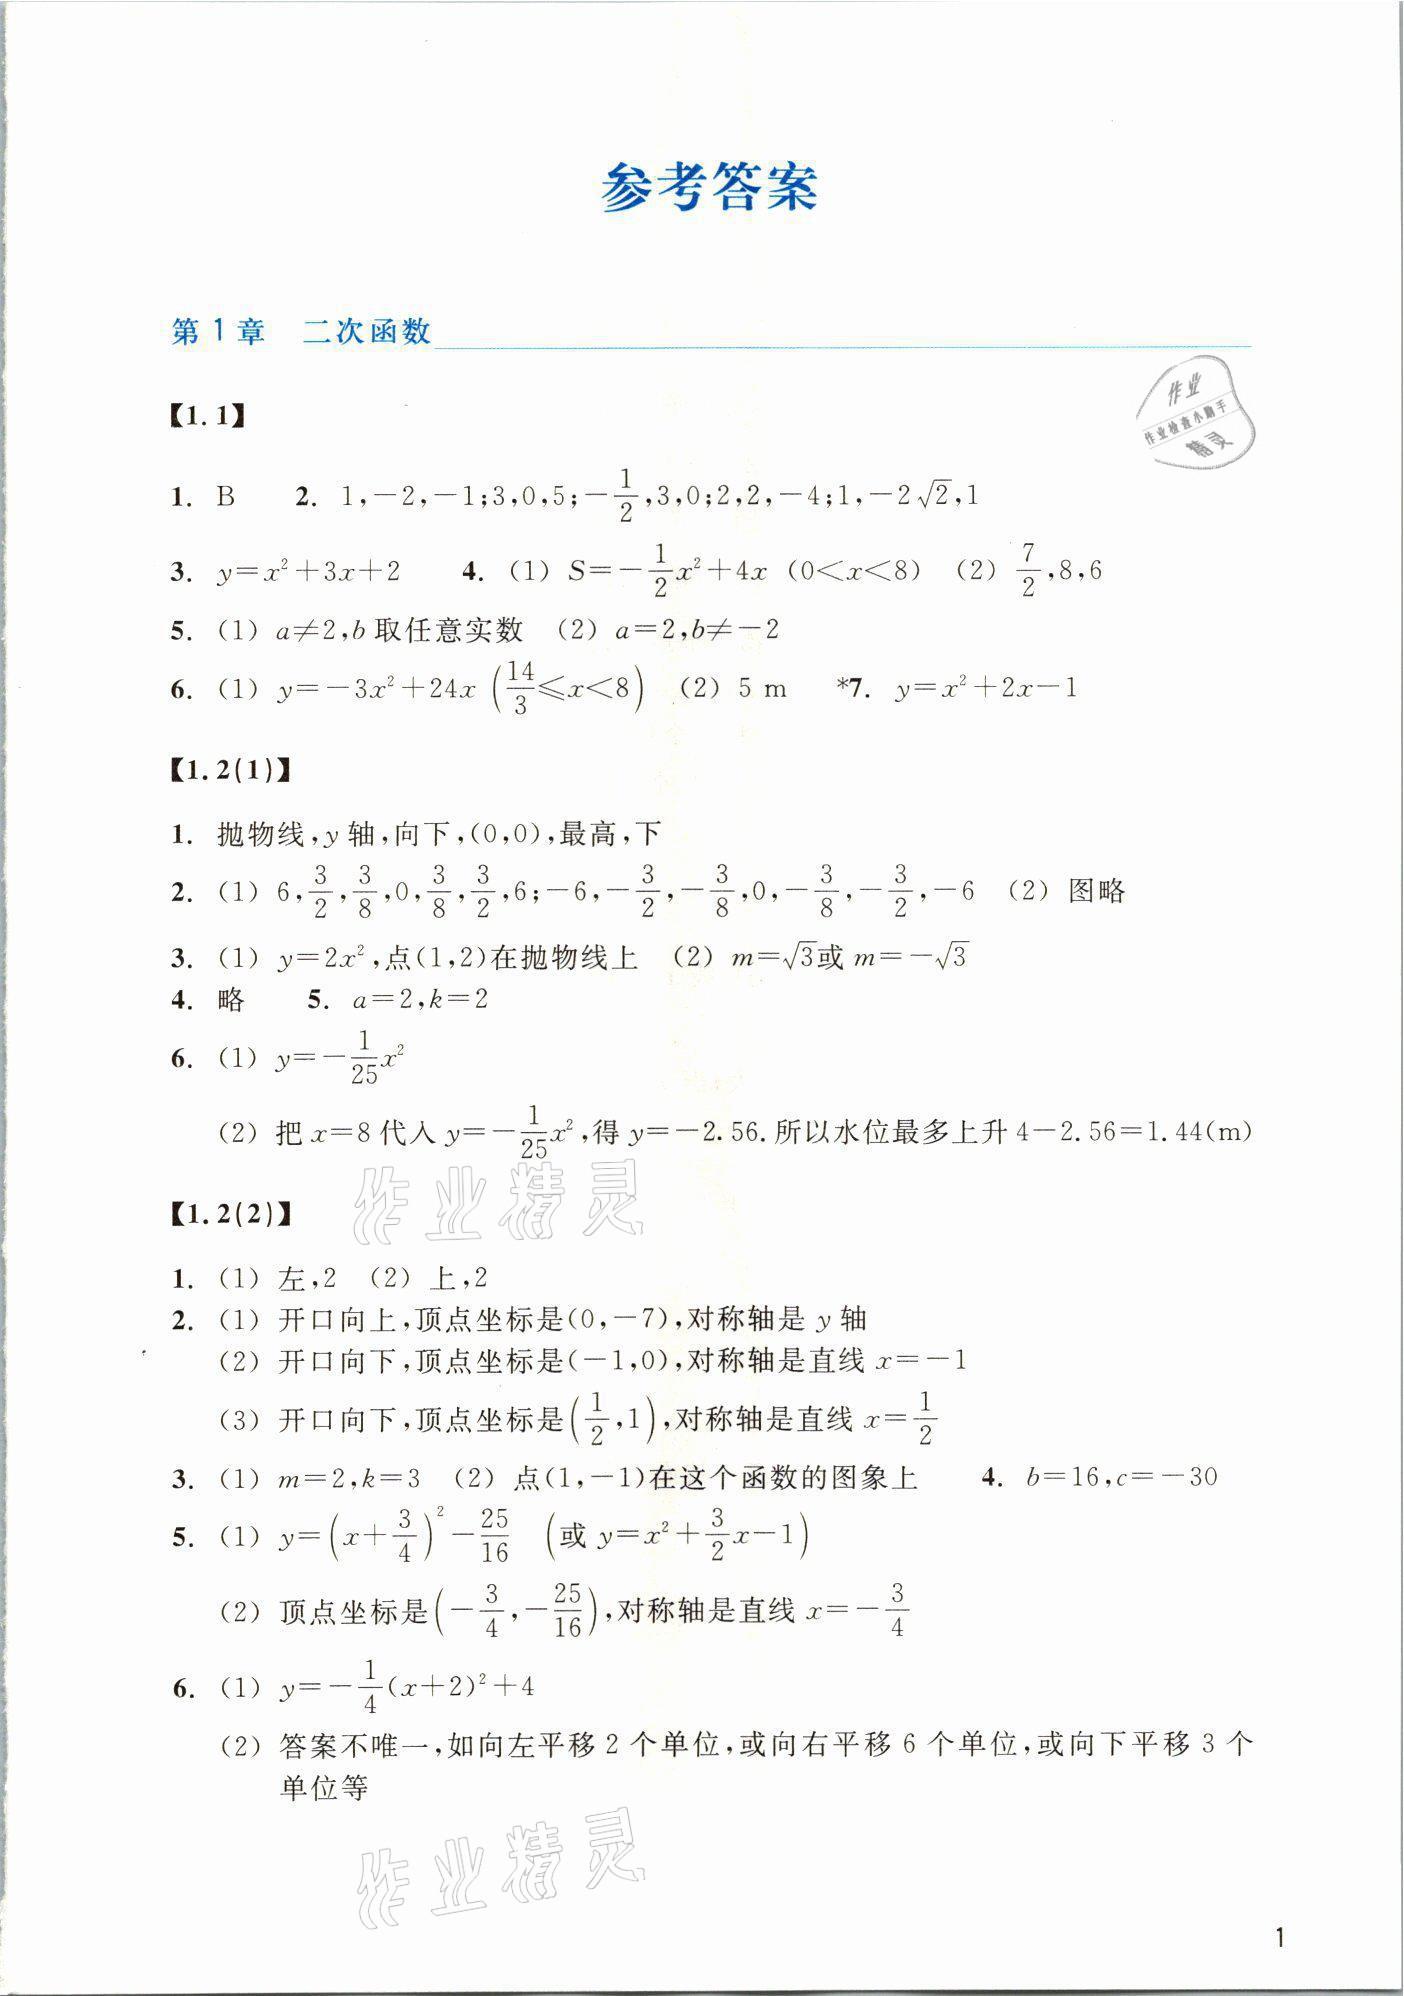 2021年作業本浙江教育出版社九年級數學上冊浙教版參考答案第1頁